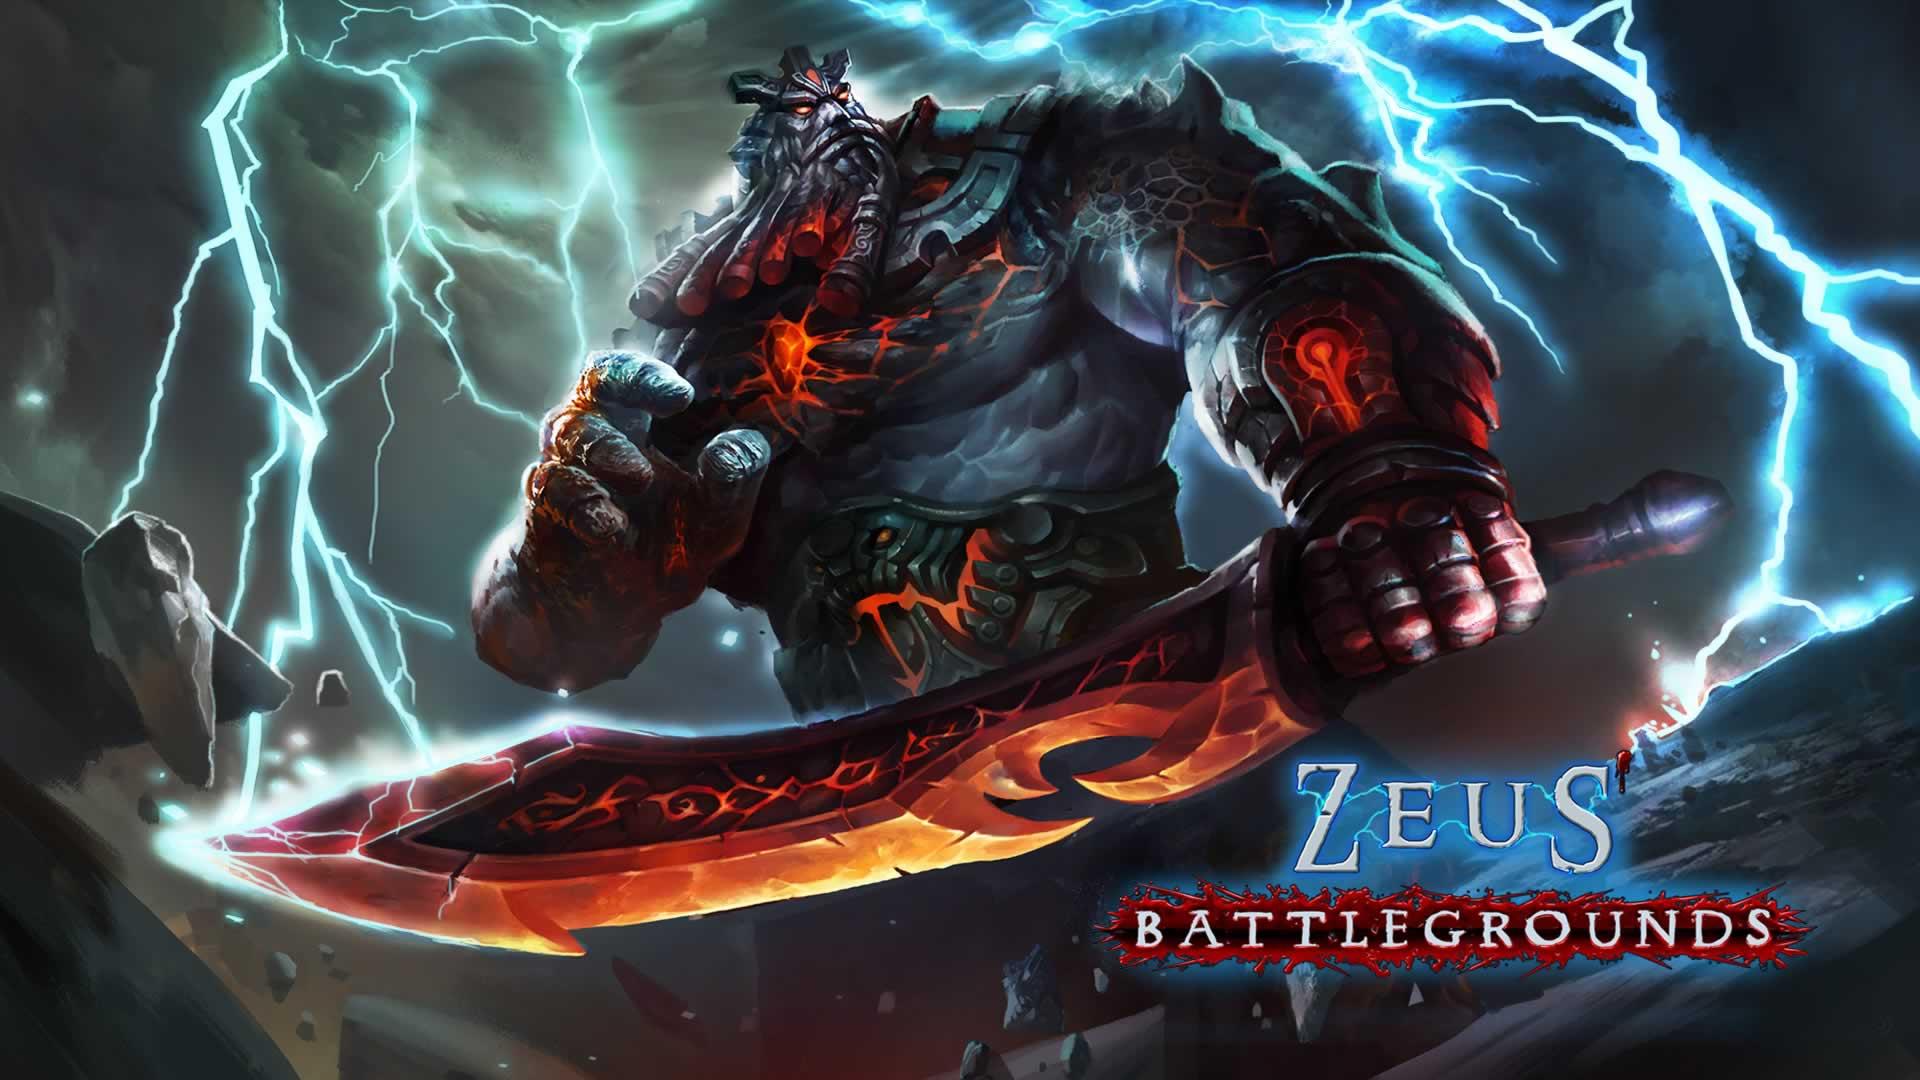 Zeus Battlegrounds Cover